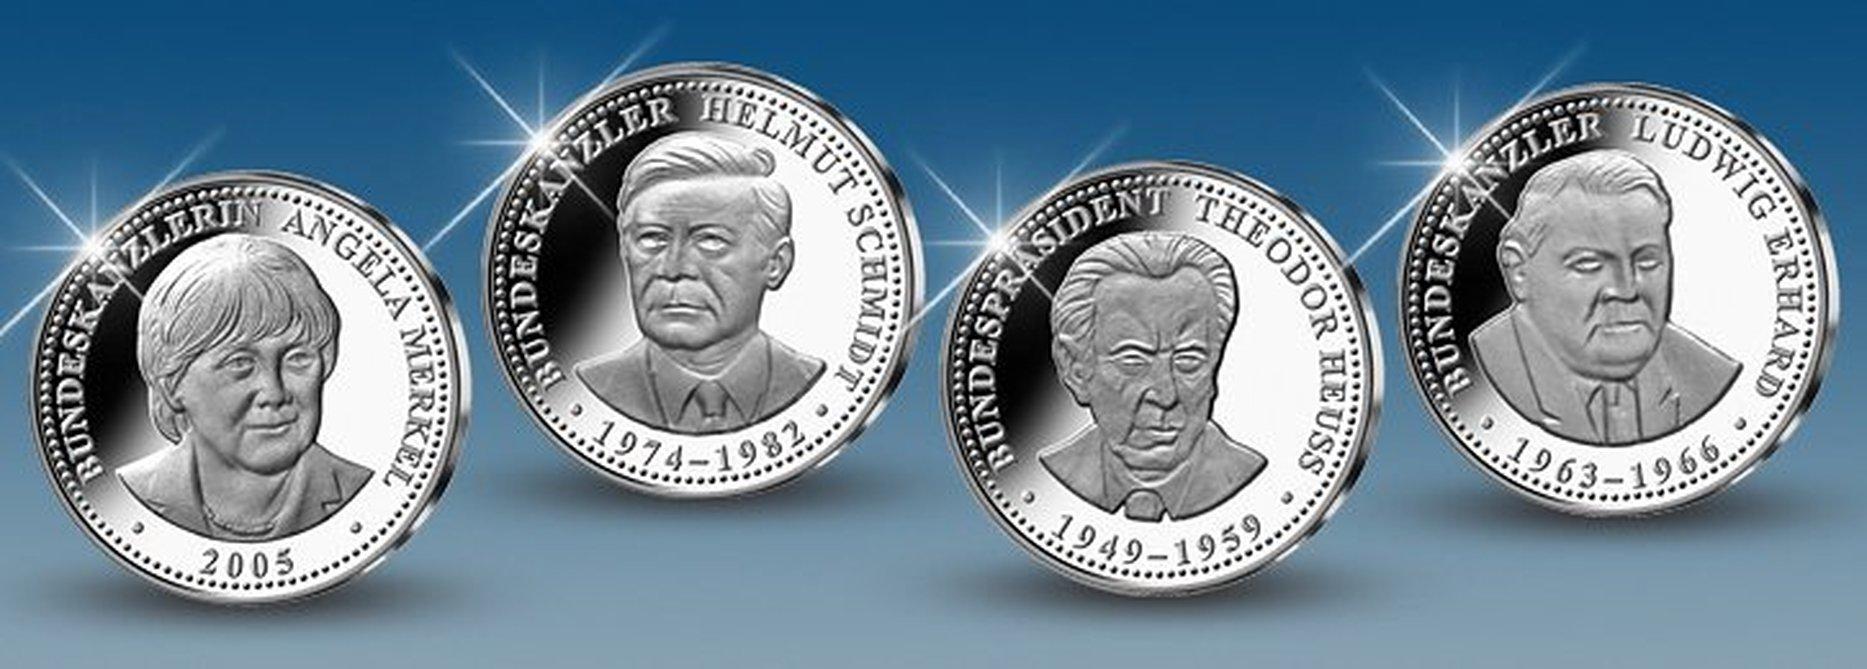 Kanzler und Präsidenten in Silber - Kollektion